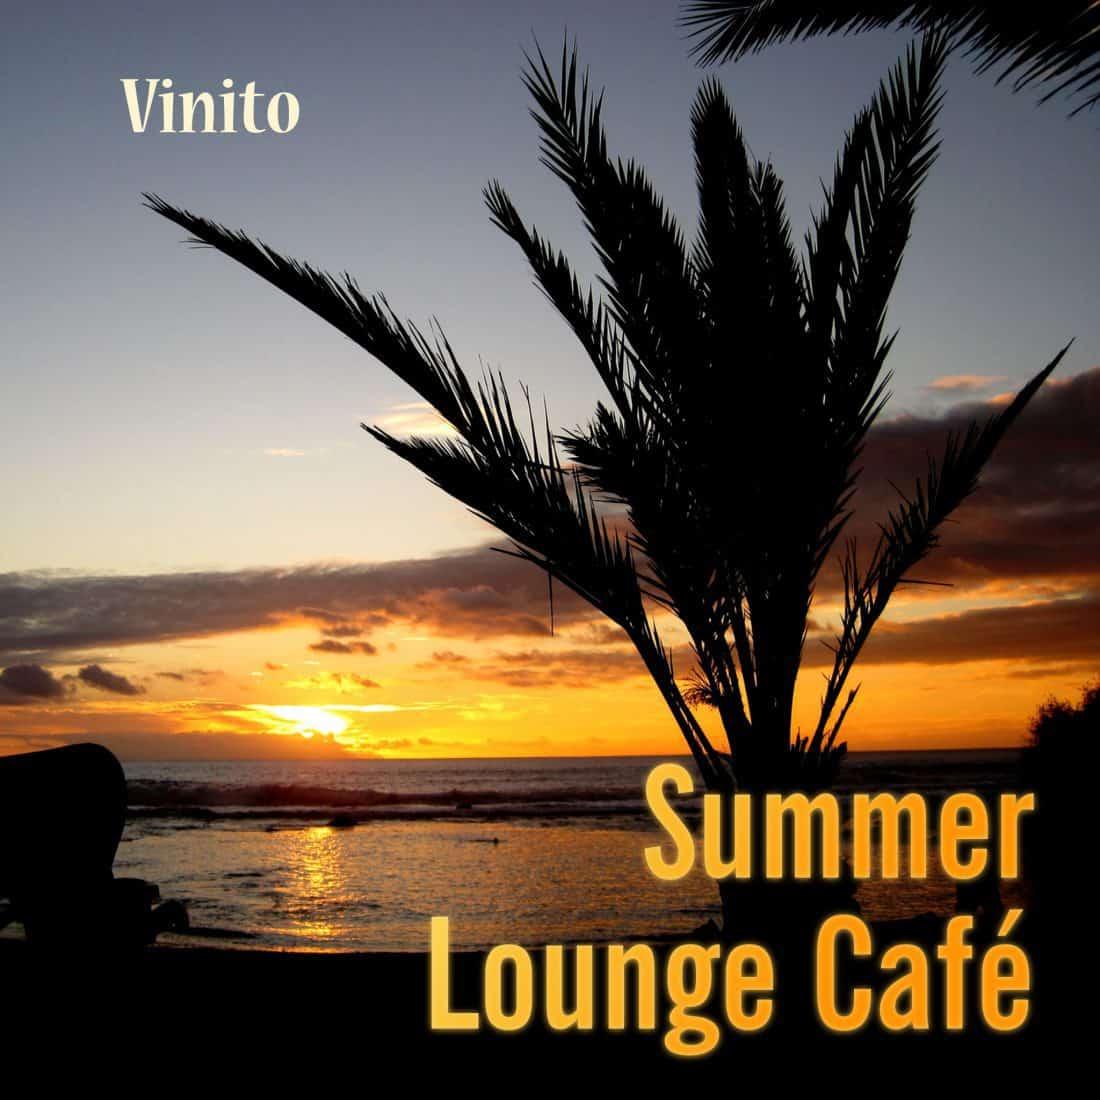 Summer Lounge Café Musik zum Träumen und Entspannen